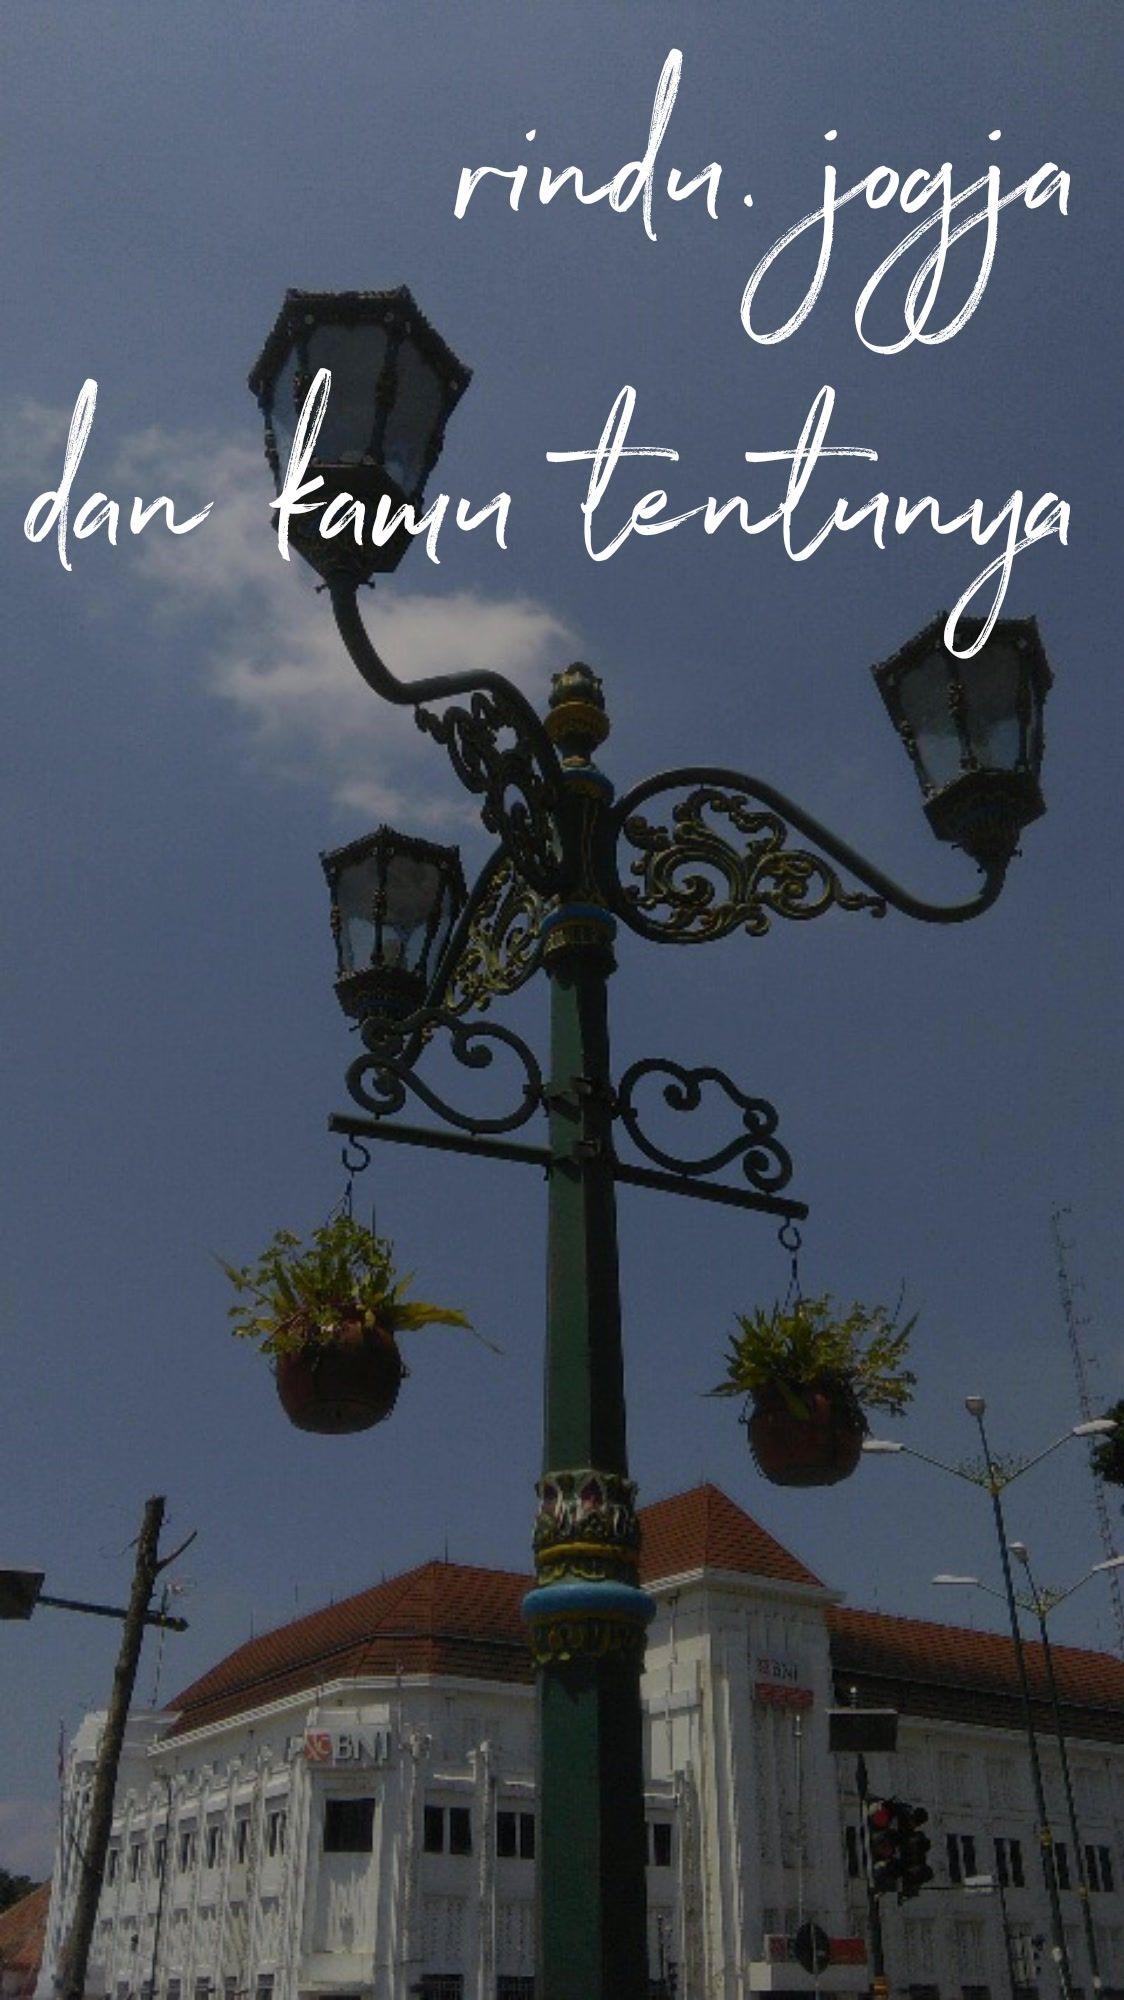 Wallpaper 5 Rindu Jogja Foto Wisata Kutipan Hebat Dan